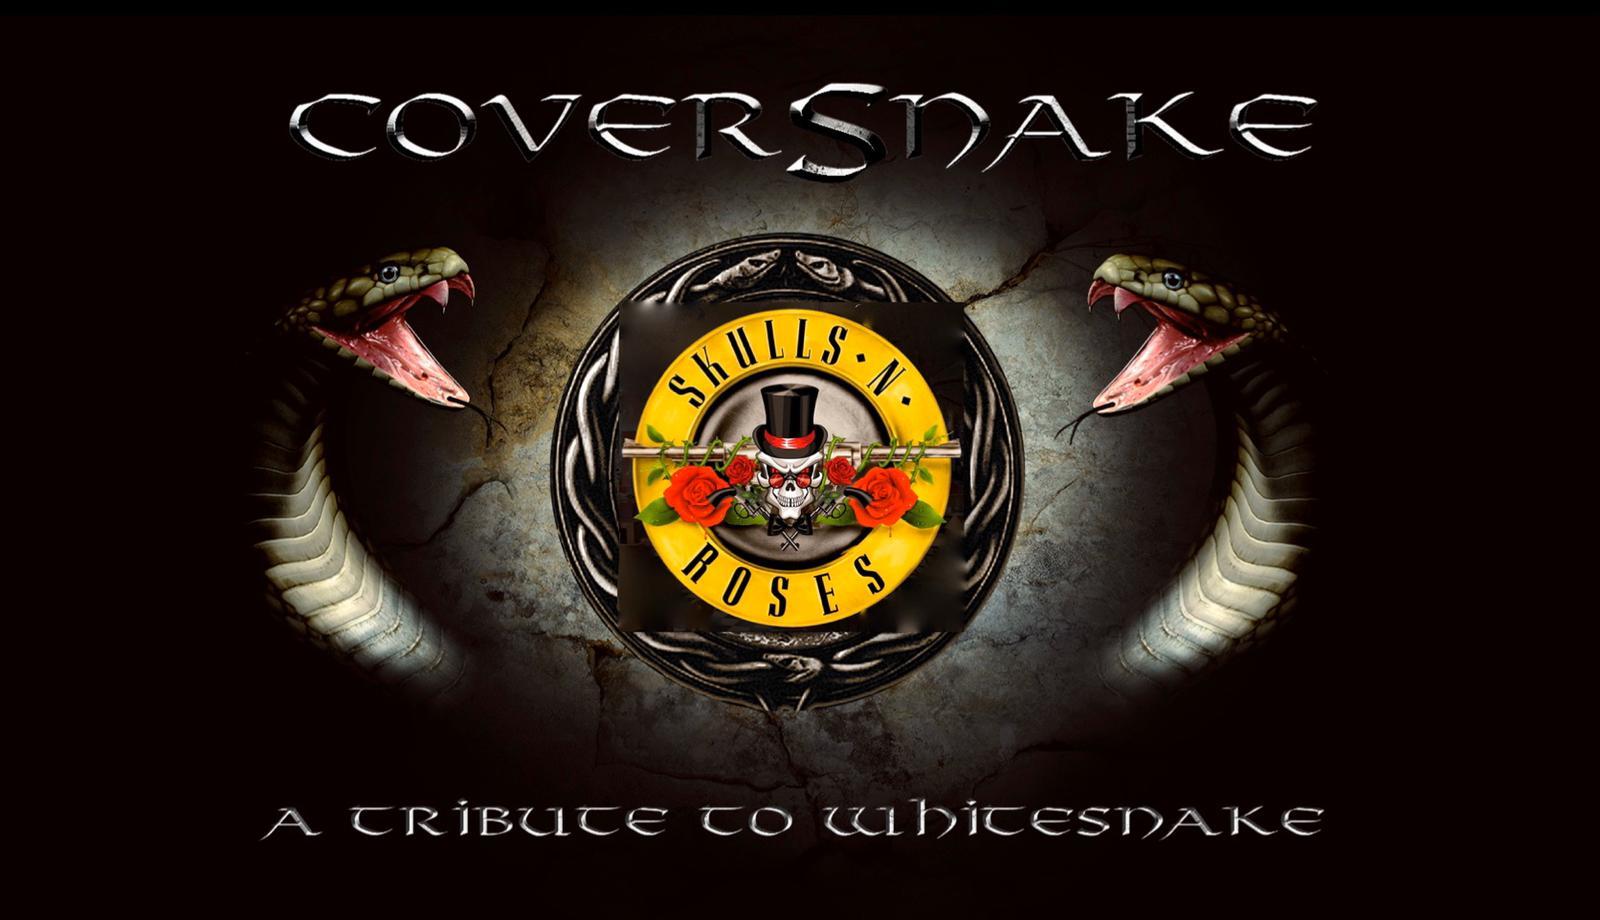 coversnake-skullsnroses